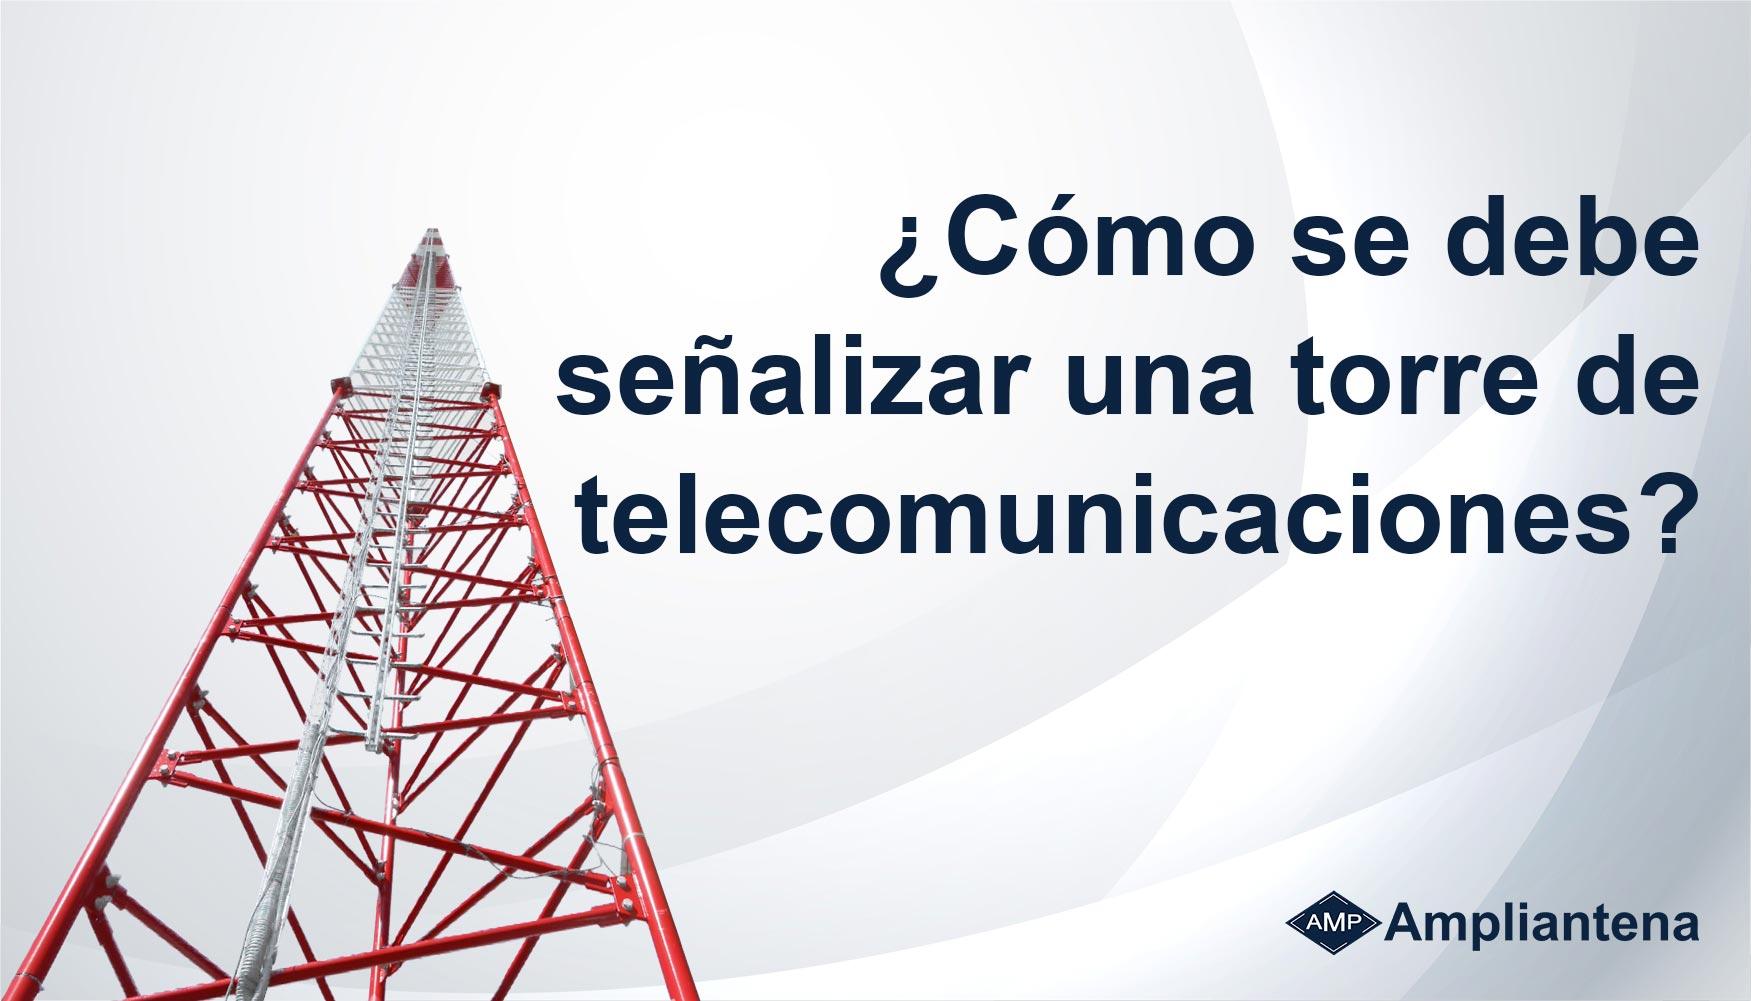 señalizar una torre de telecomunicaciones